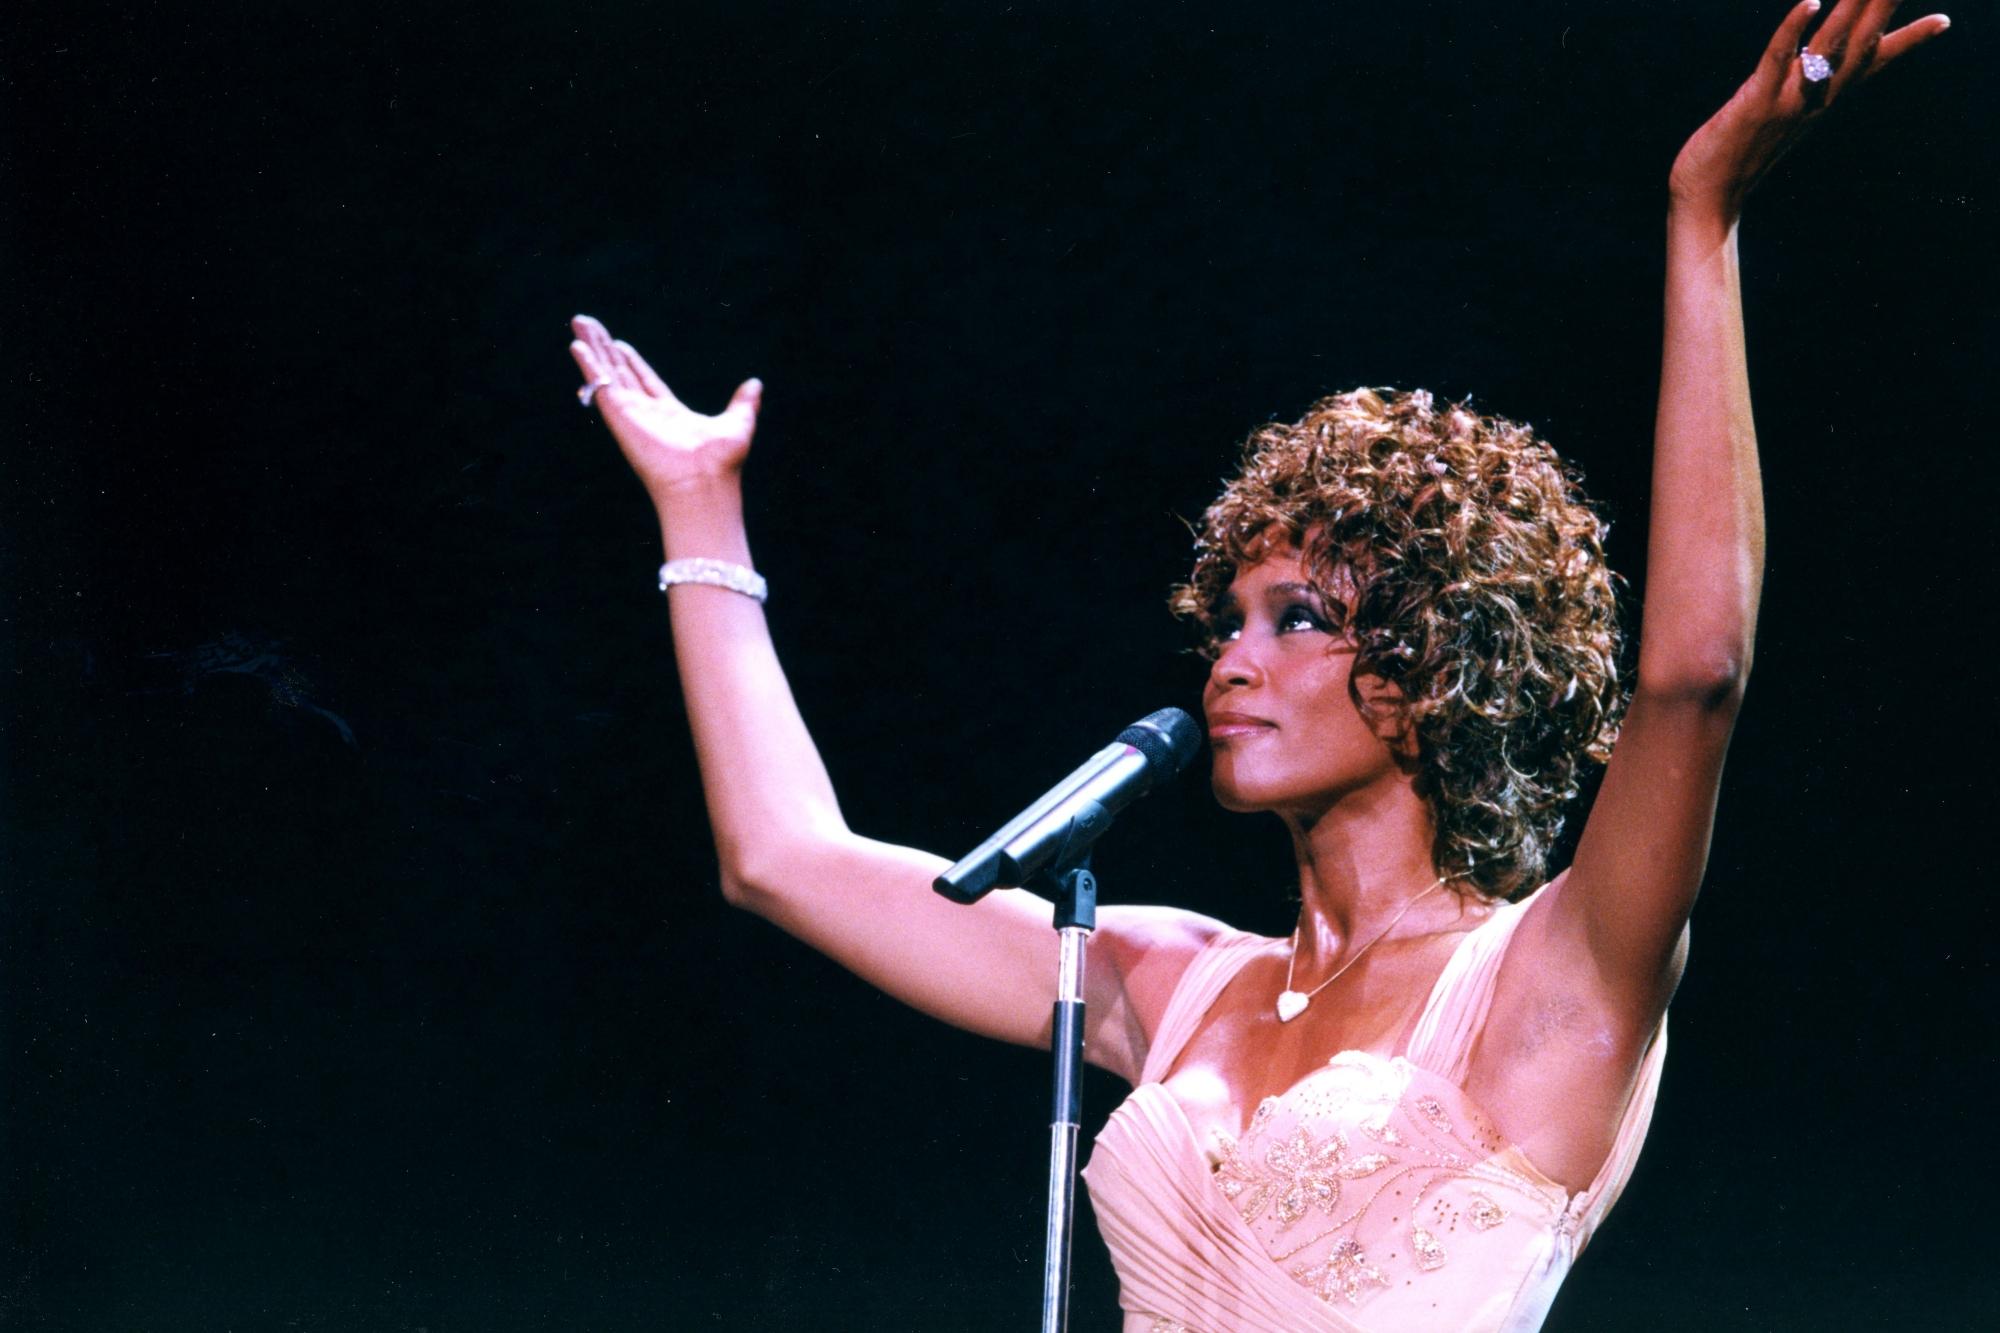 Bientôt sur scène en hologramme — Whitney Houston